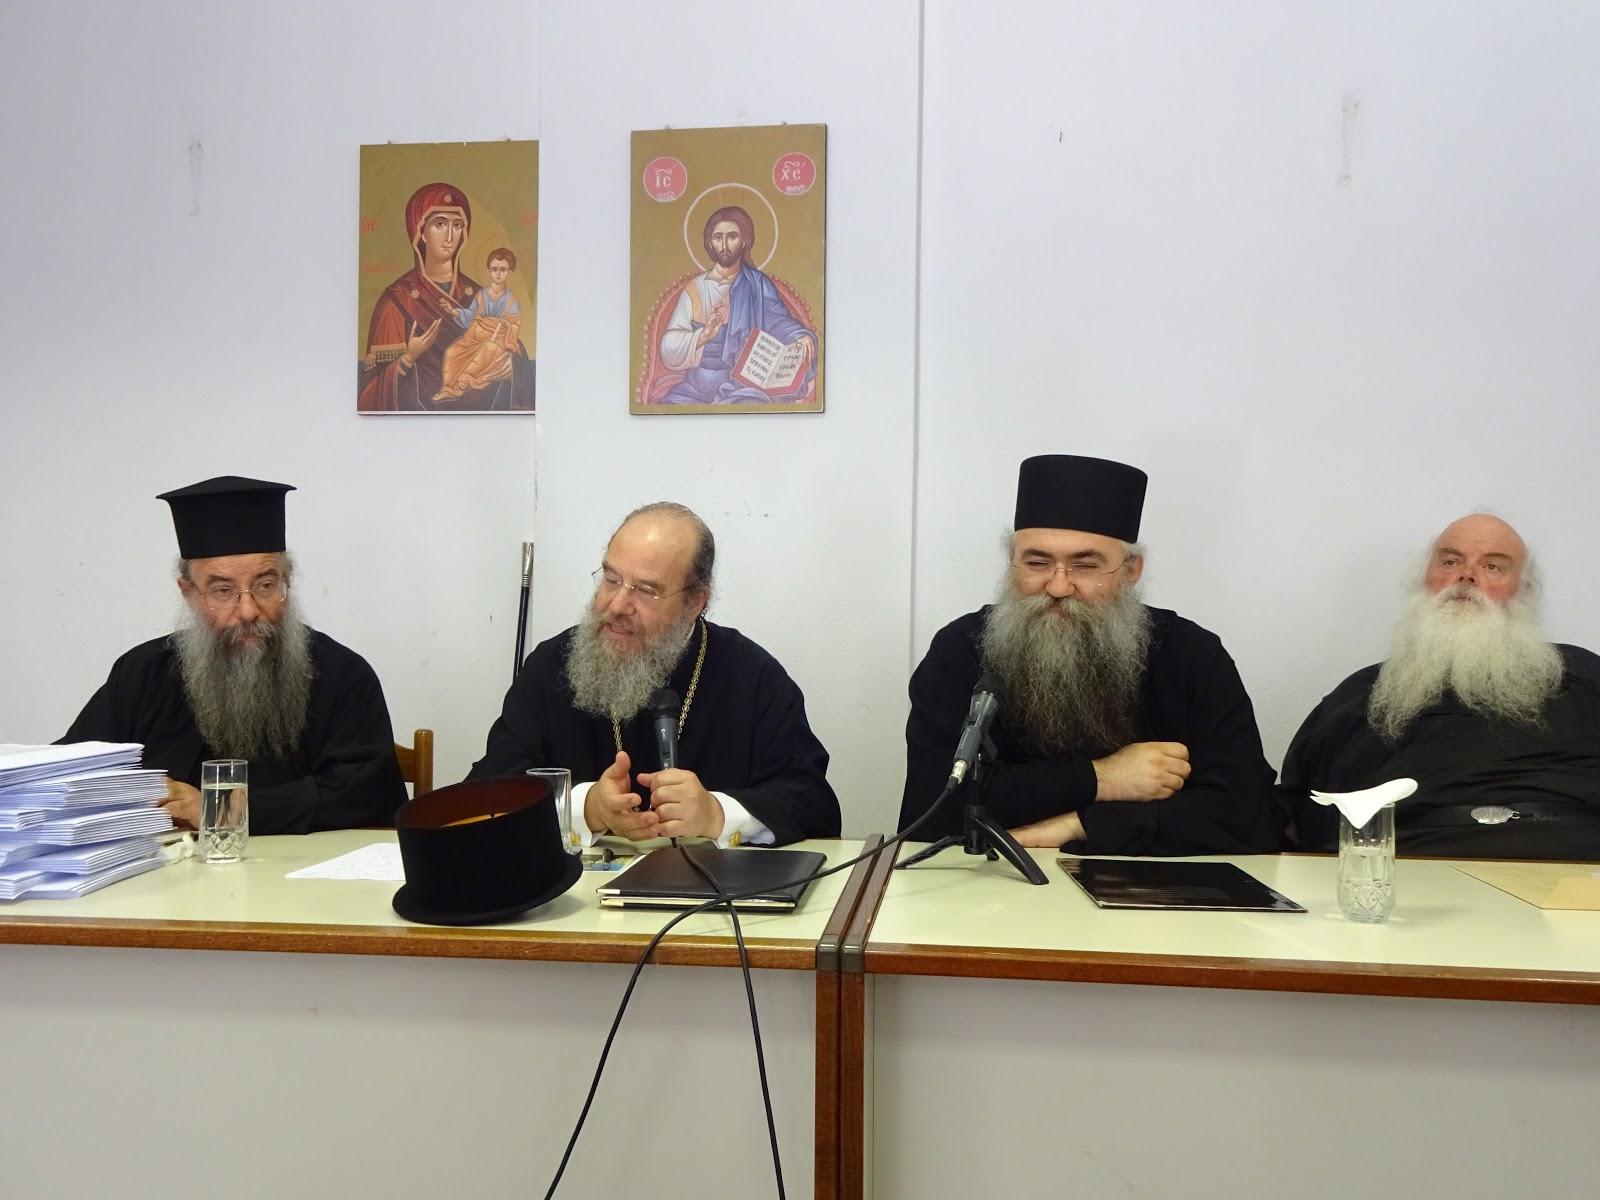 Ο Νέος  Αρχιερατικός Επίτροπος της Μητροπόλεως Ιερισσού Αγίου Όρους και Αρδαμερίου